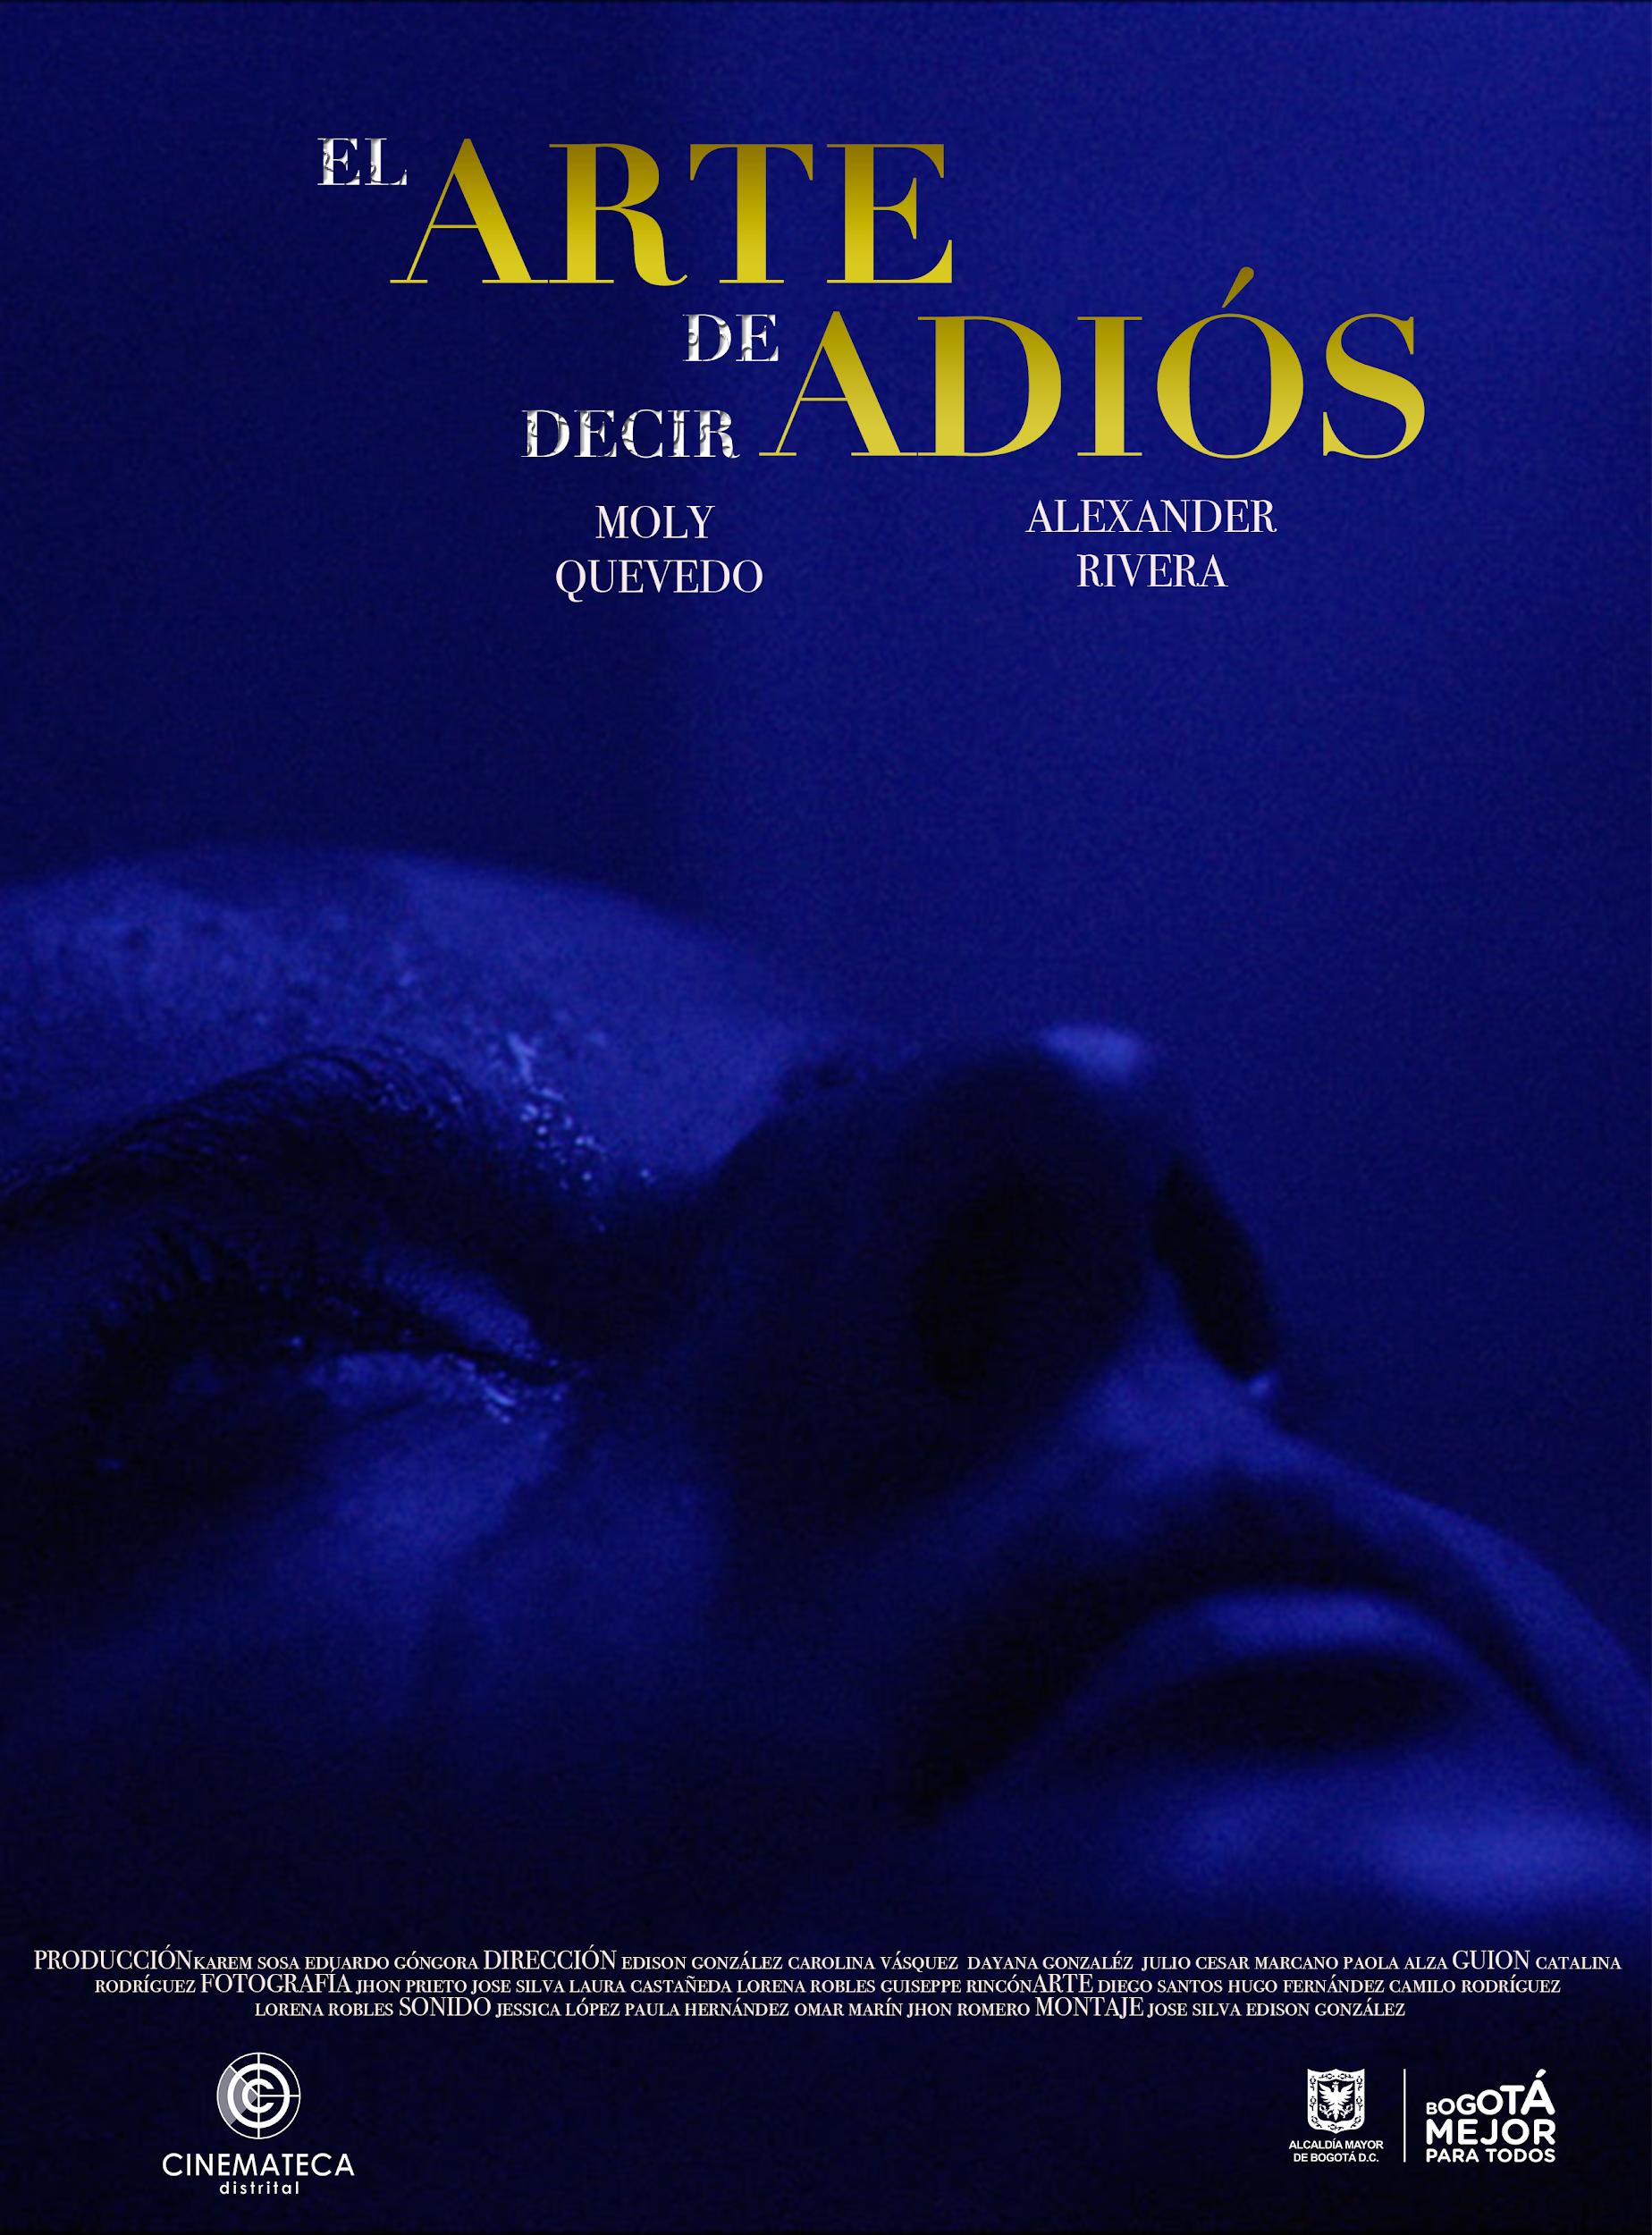 Conozca las historias bogotanas que estrena Cinemateca Rodante - 5-10